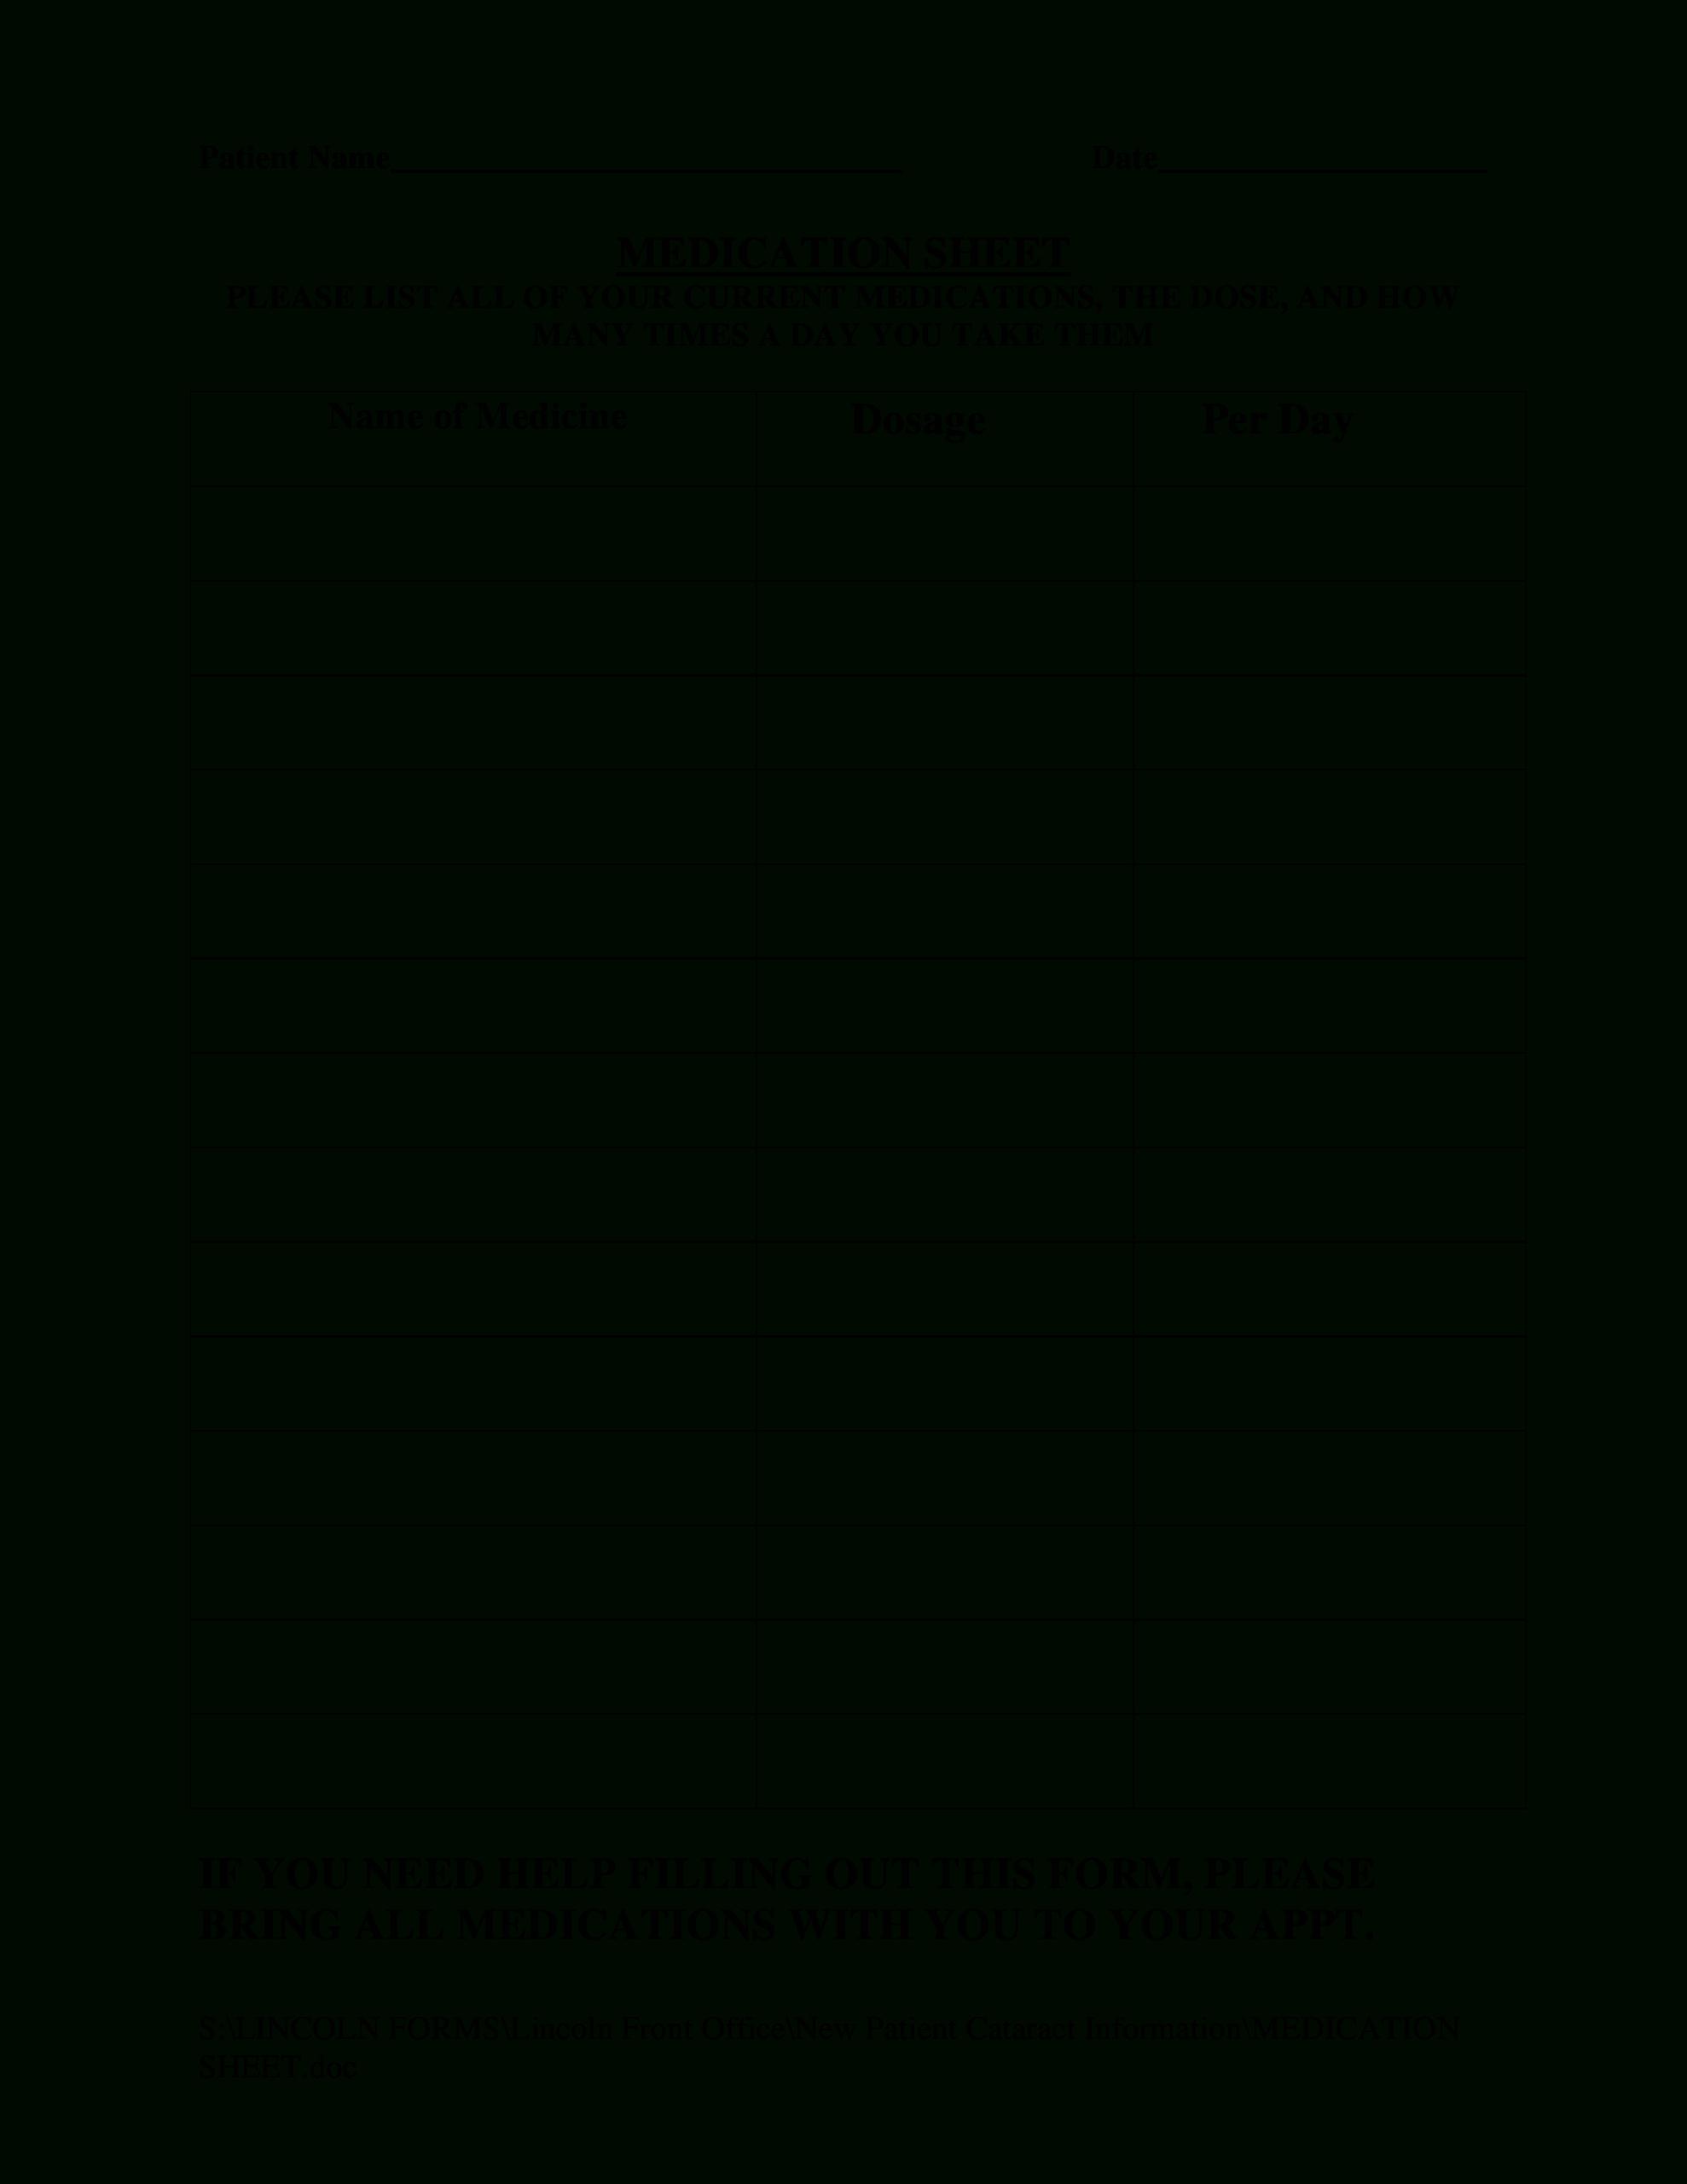 Blank Medication   Templates At Allbusinesstemplates For Blank Medication List Templates